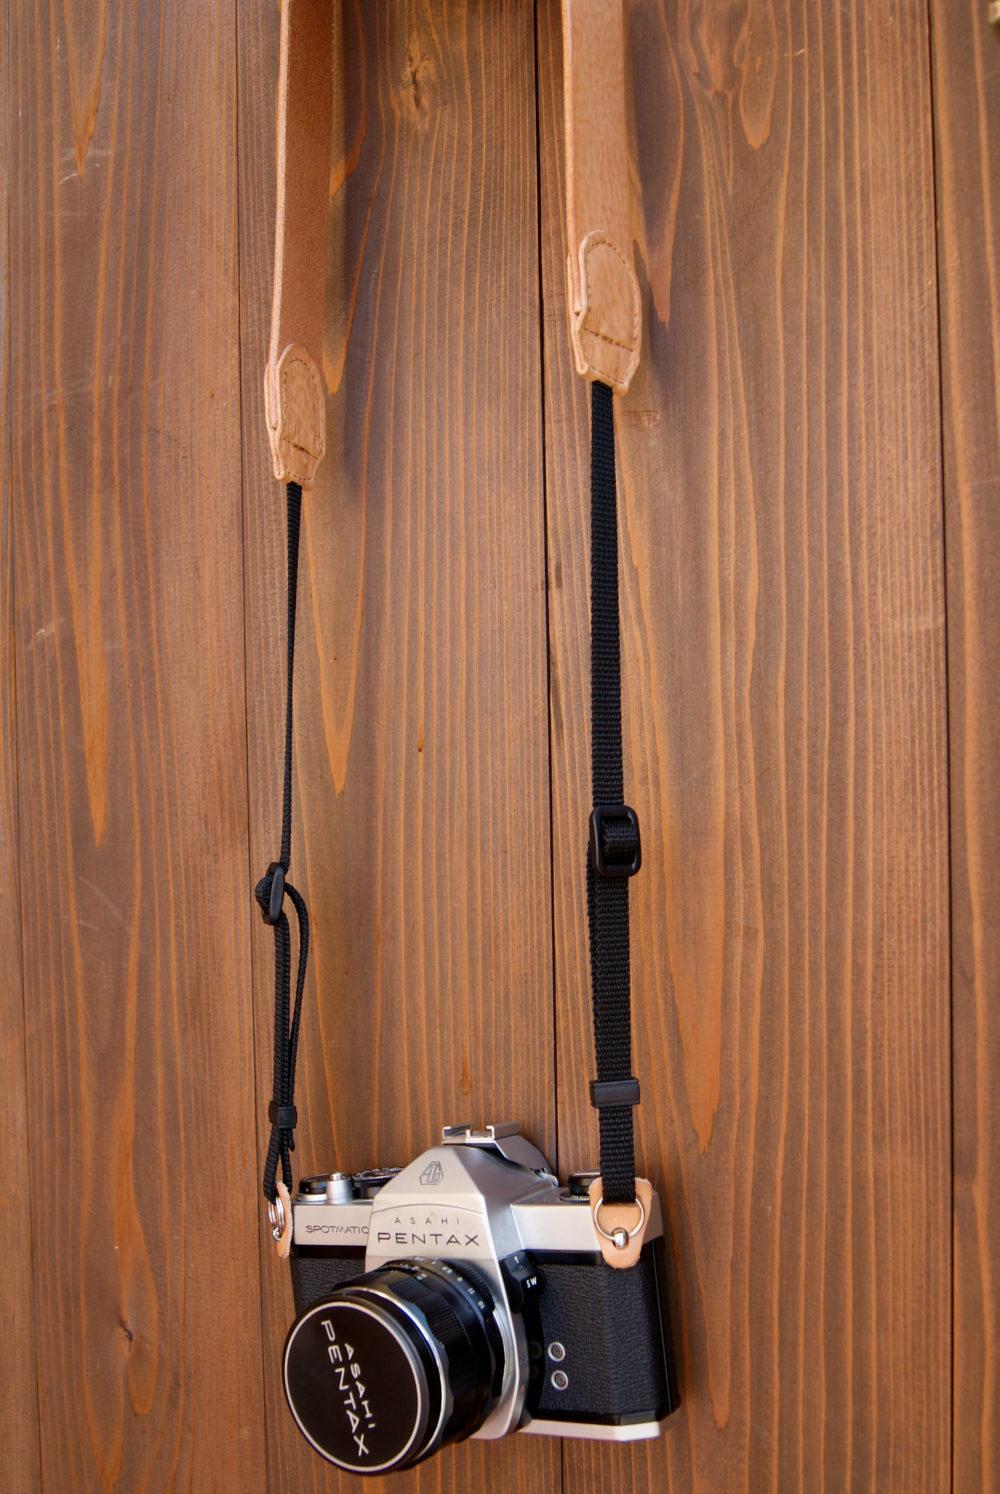 ハンドメイドの革製品 カメラストラップ